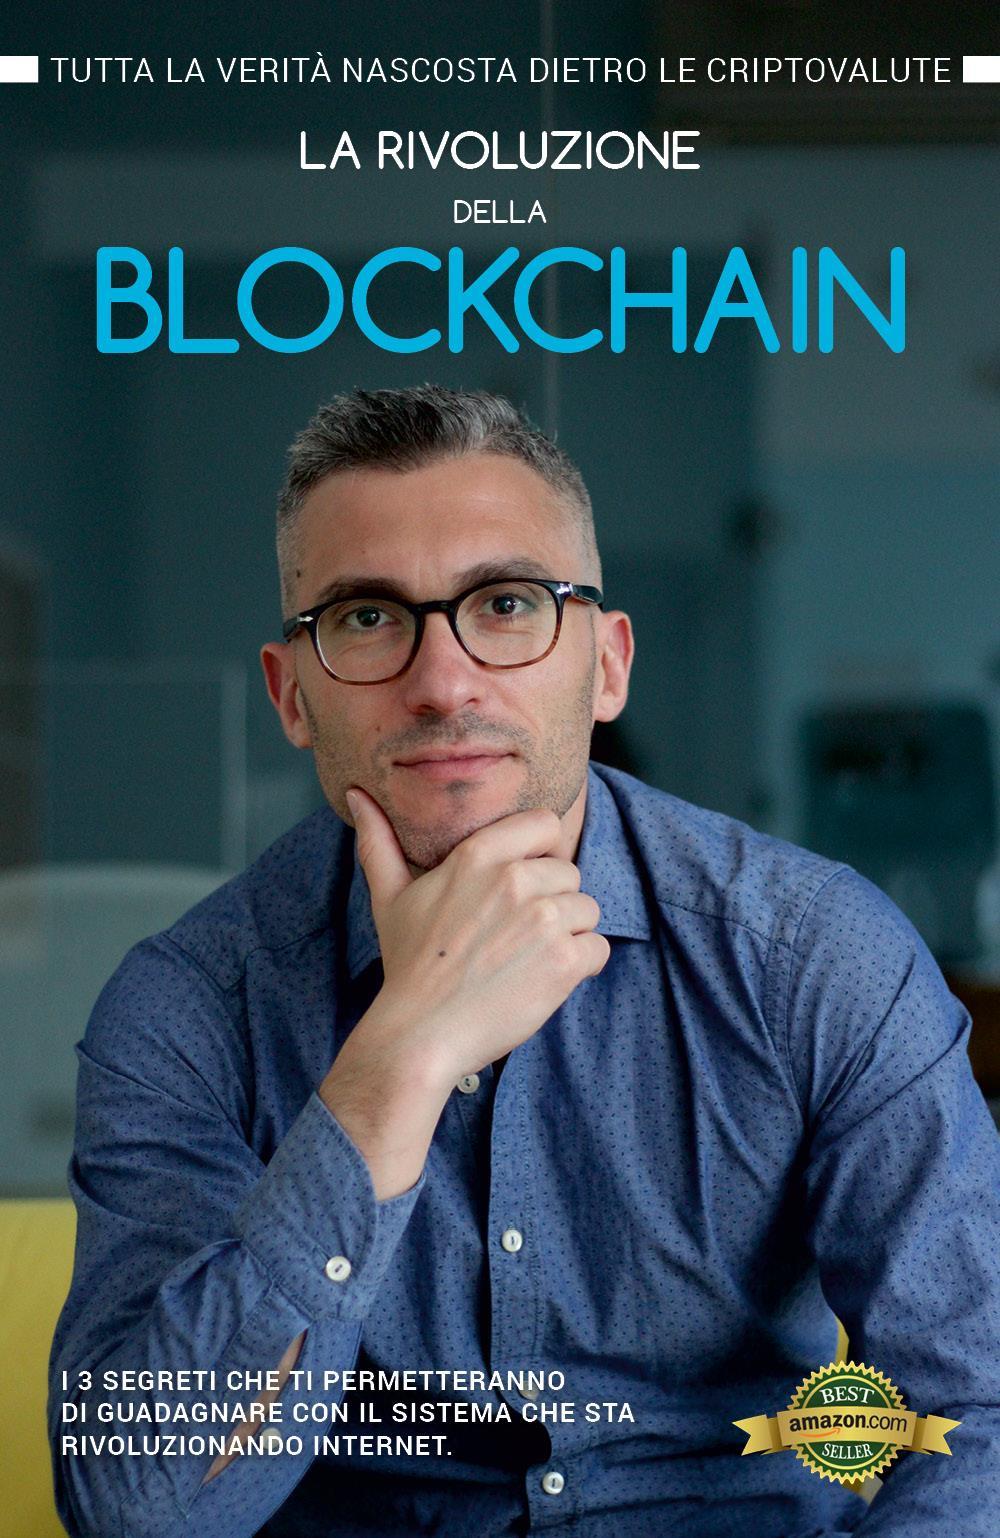 La rivoluzione della Blockchain